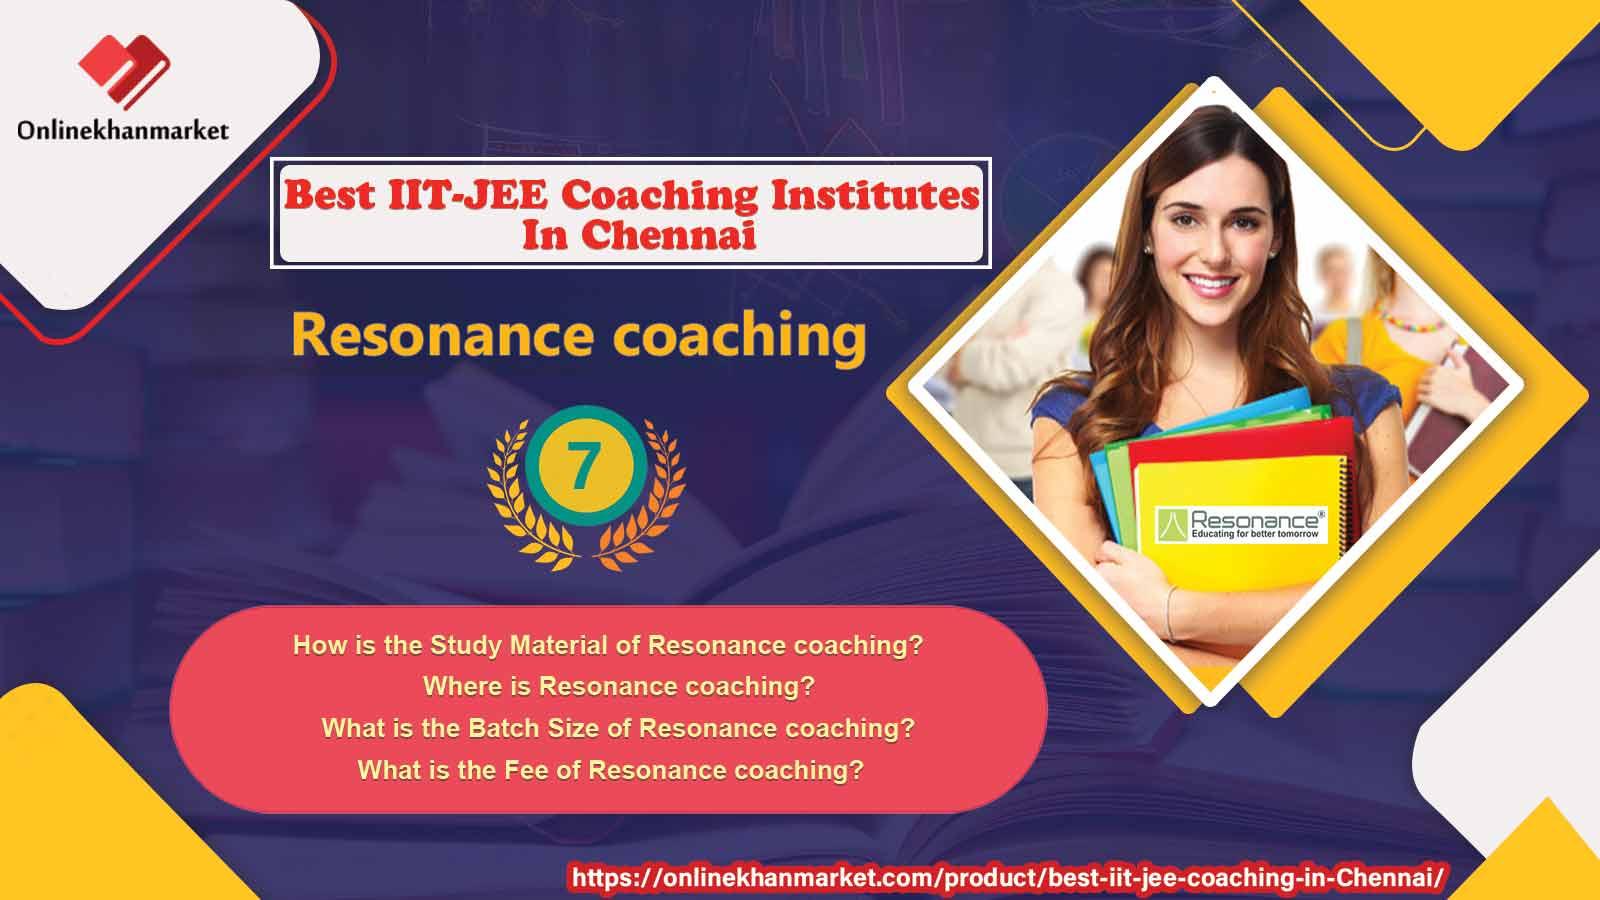 IIT Jee Coaching in Chennai